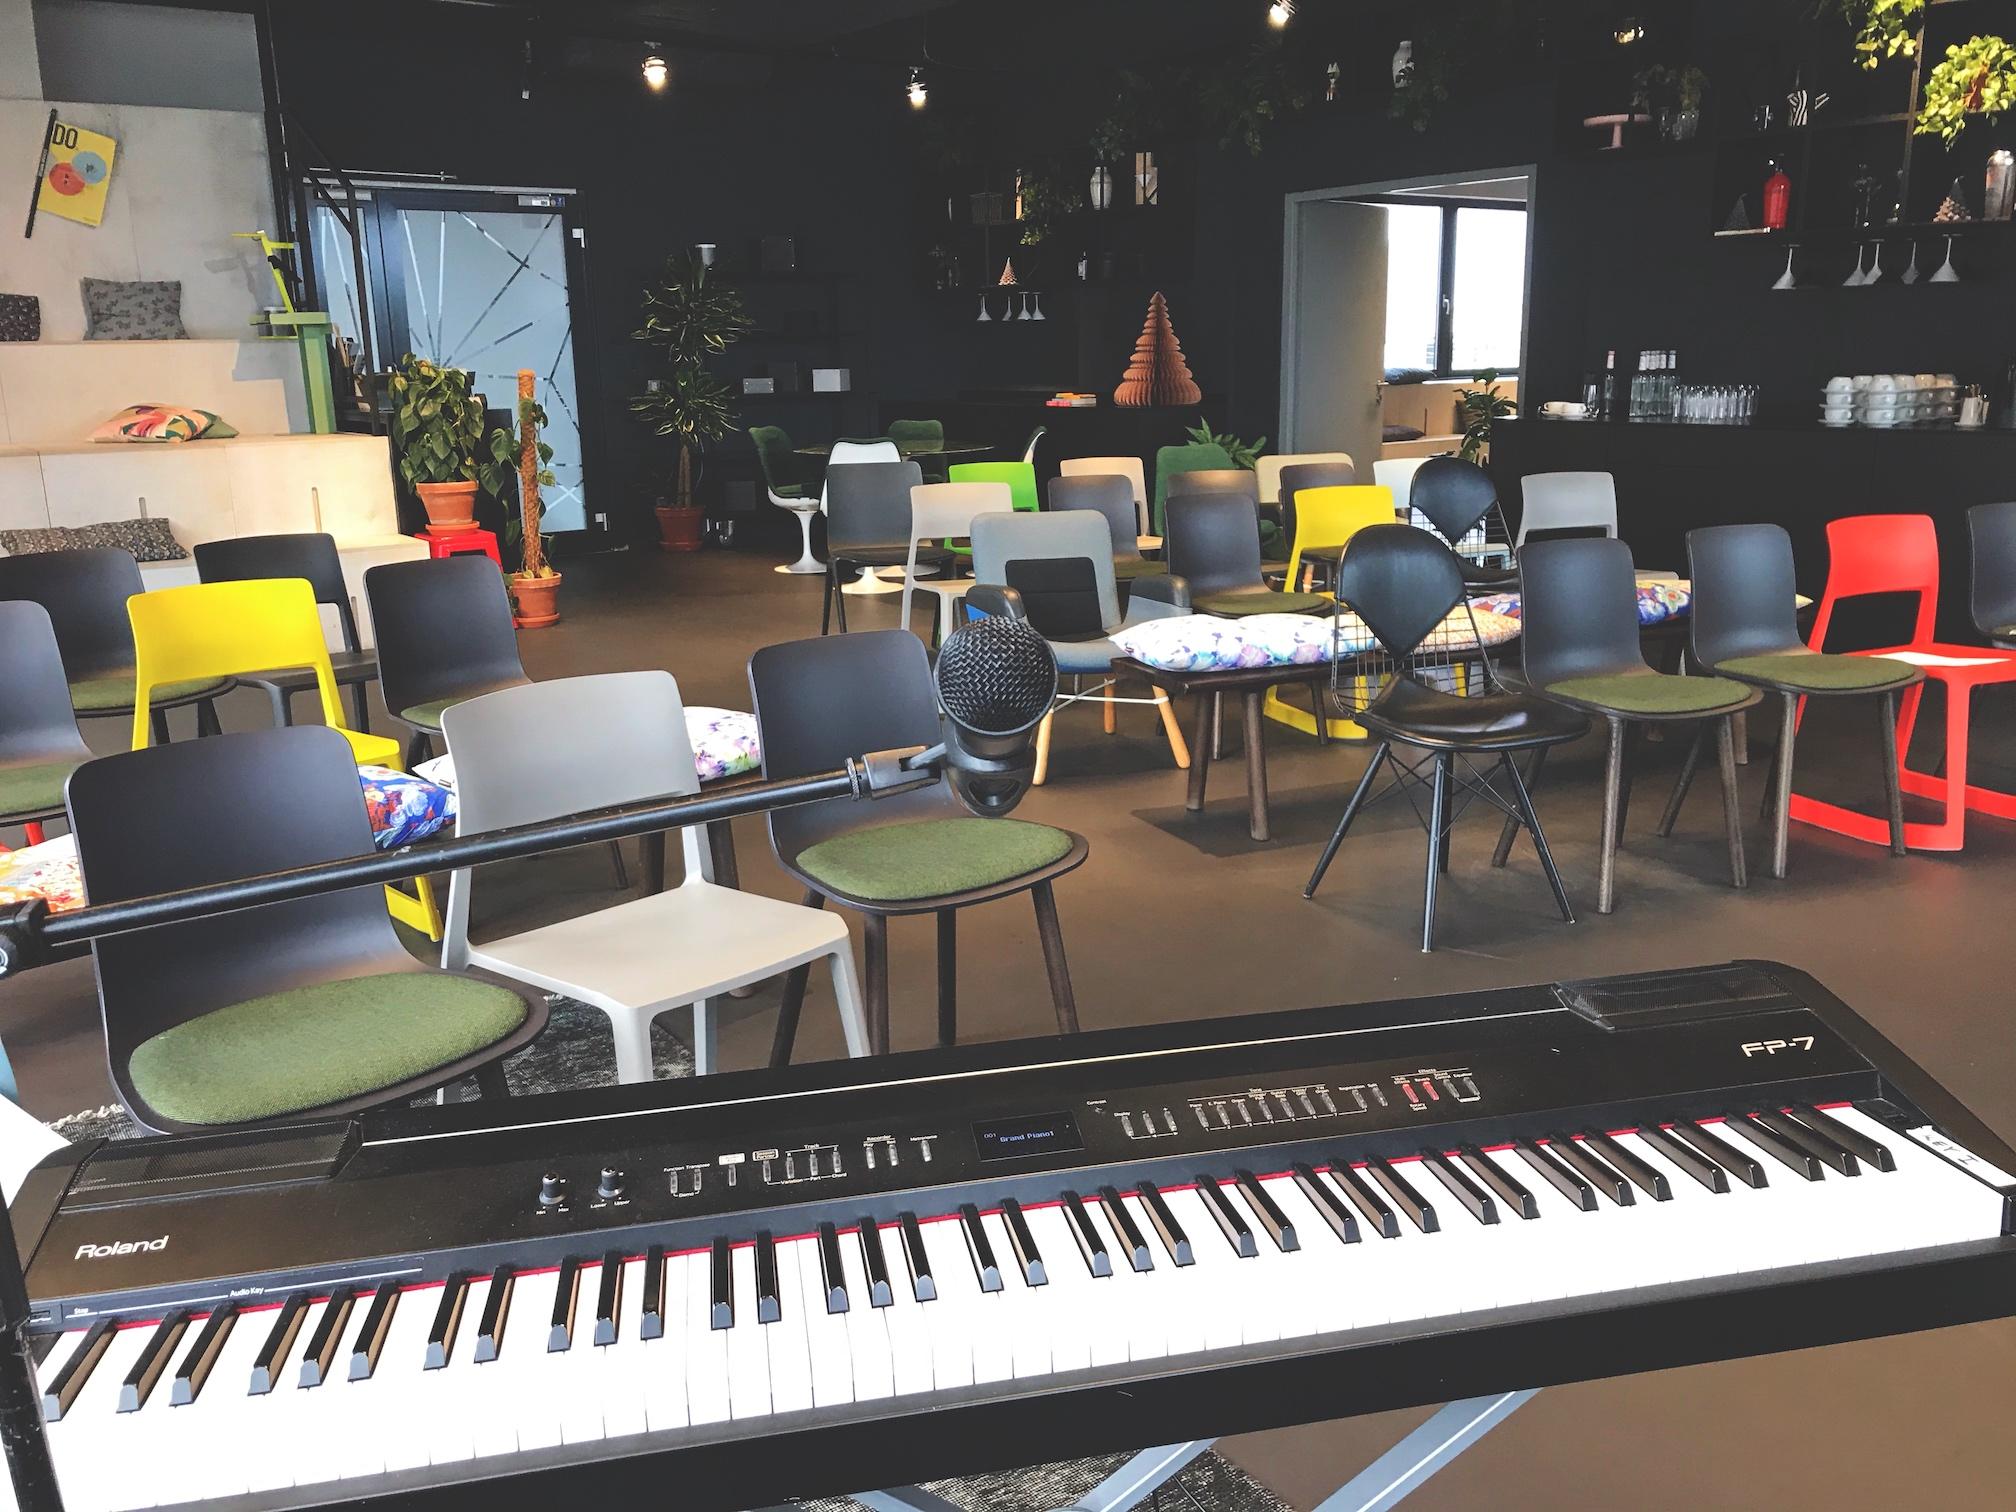 Workshop mit künstlerischem/poetischem Jahresrückblick in einem Unternehmen in Nürnberg